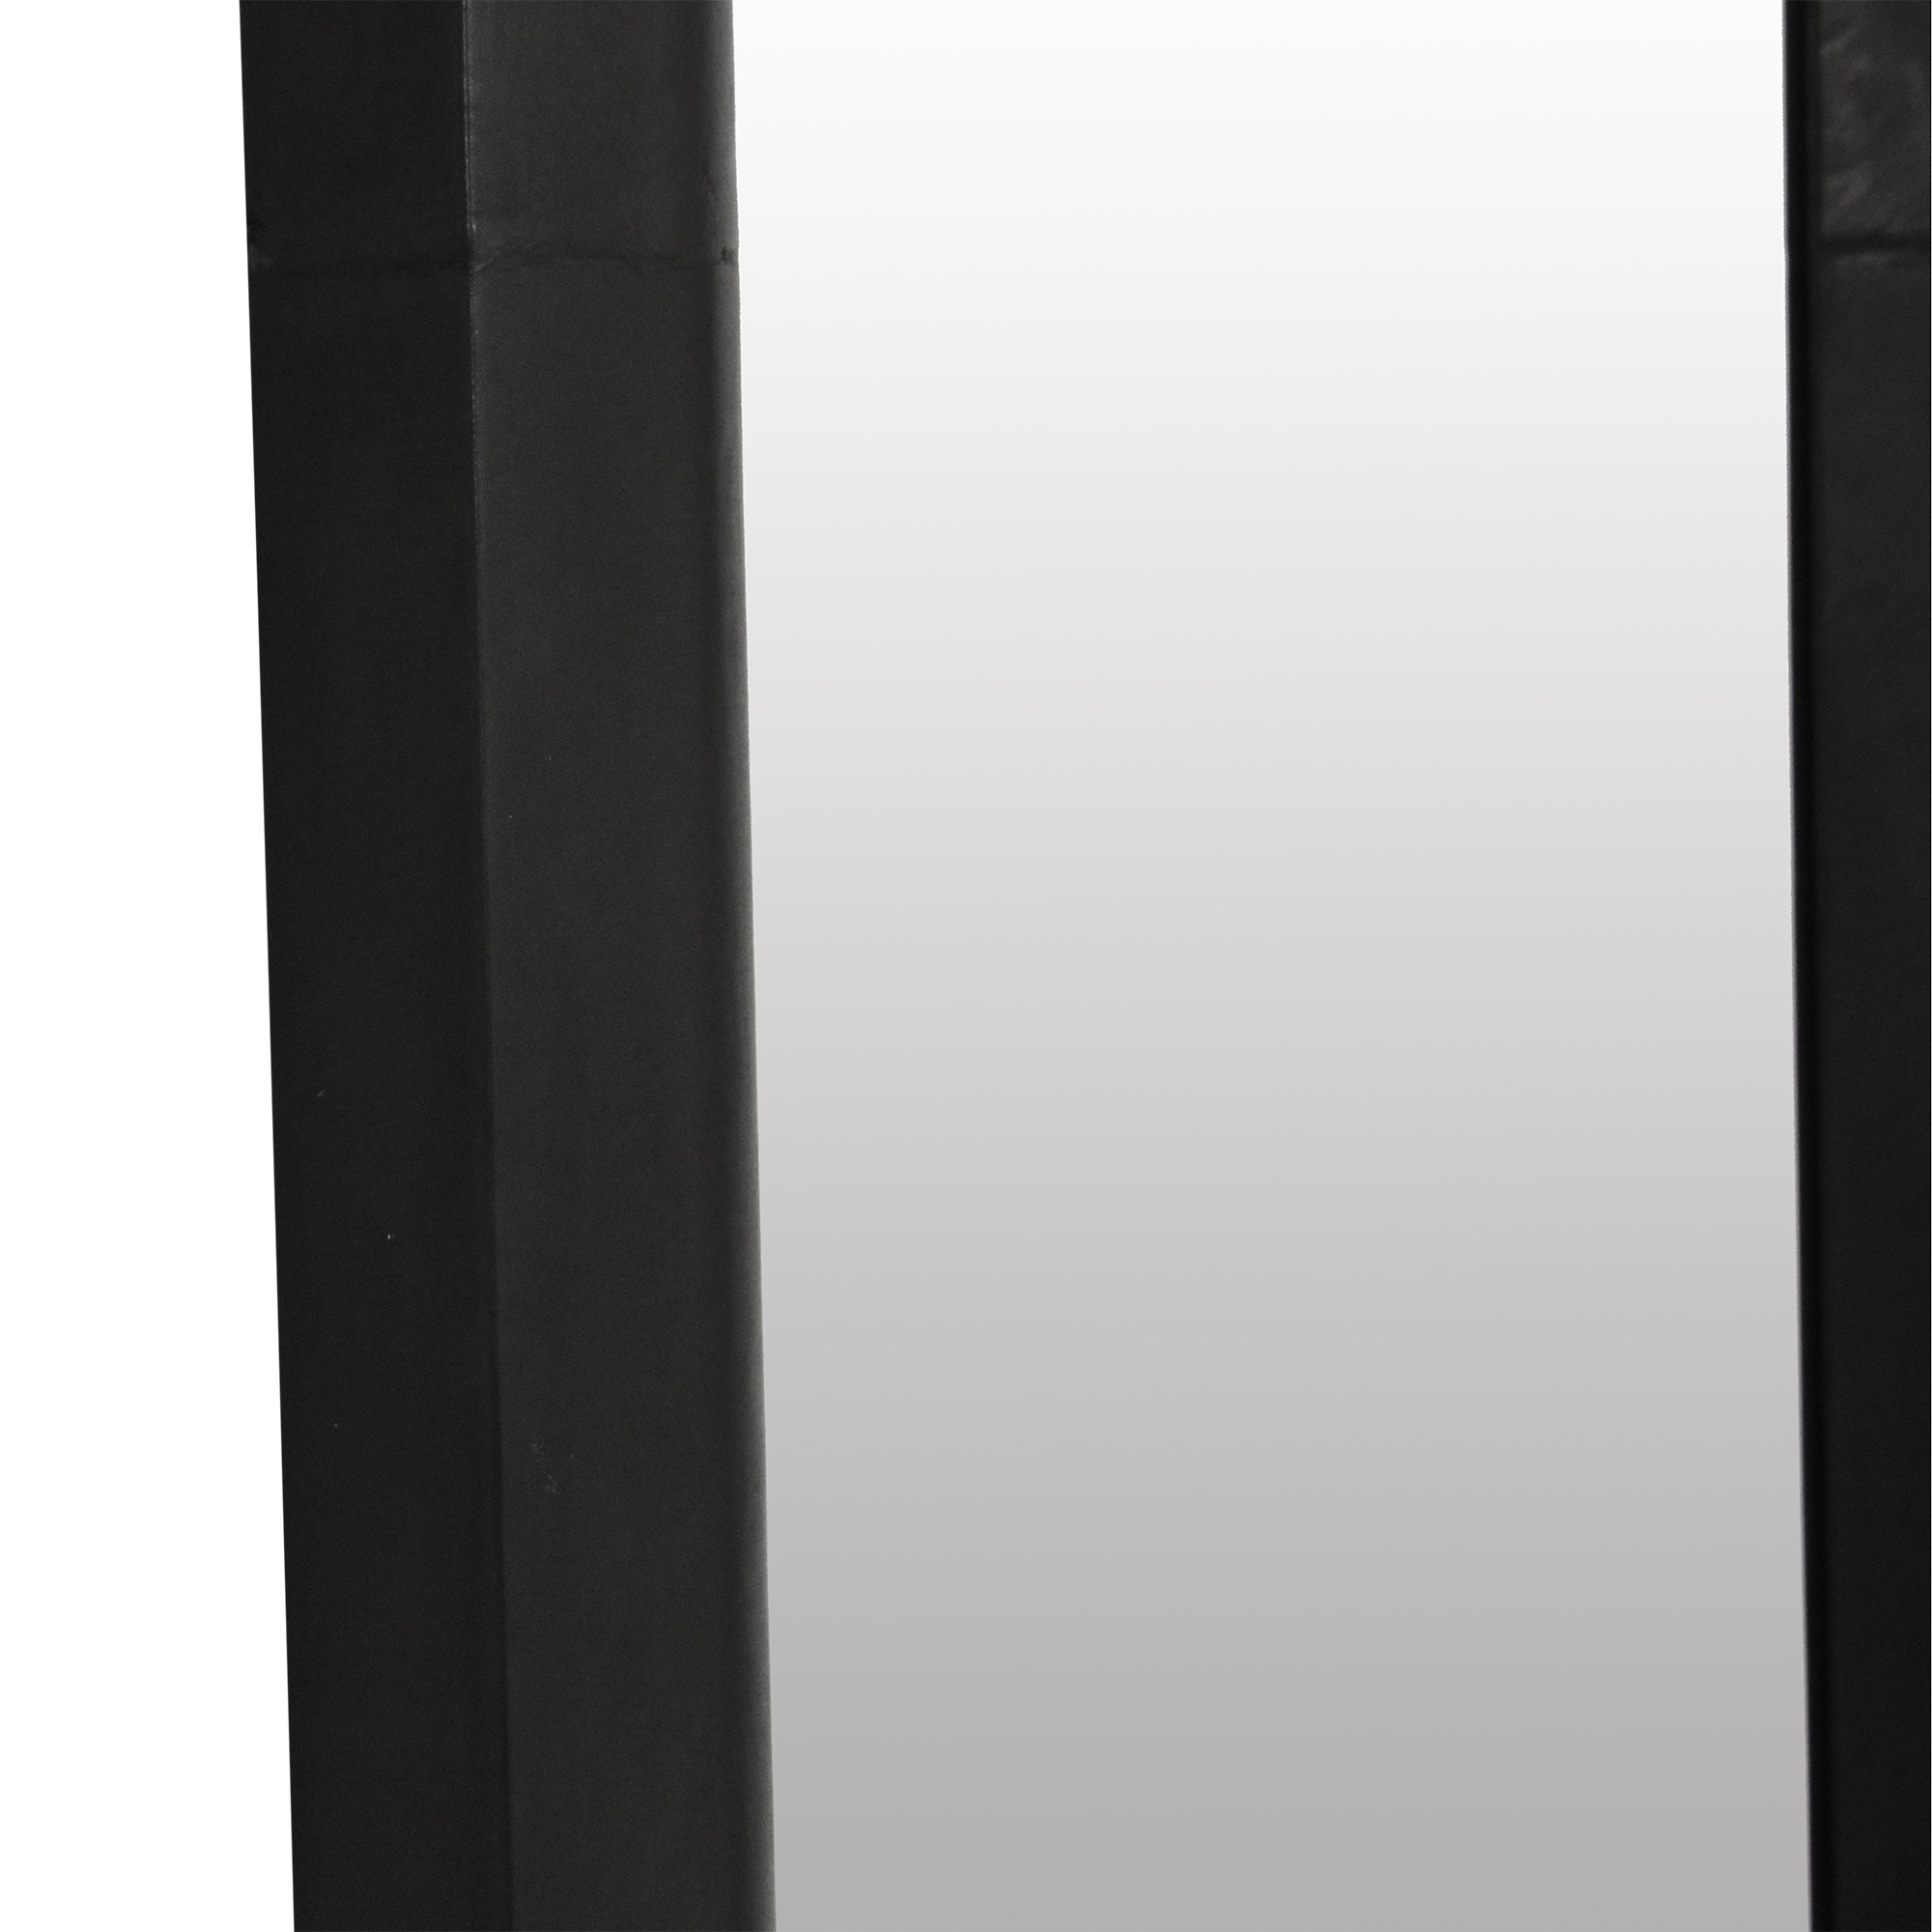 Crate & Barrel Floor Mirror / Mirrors